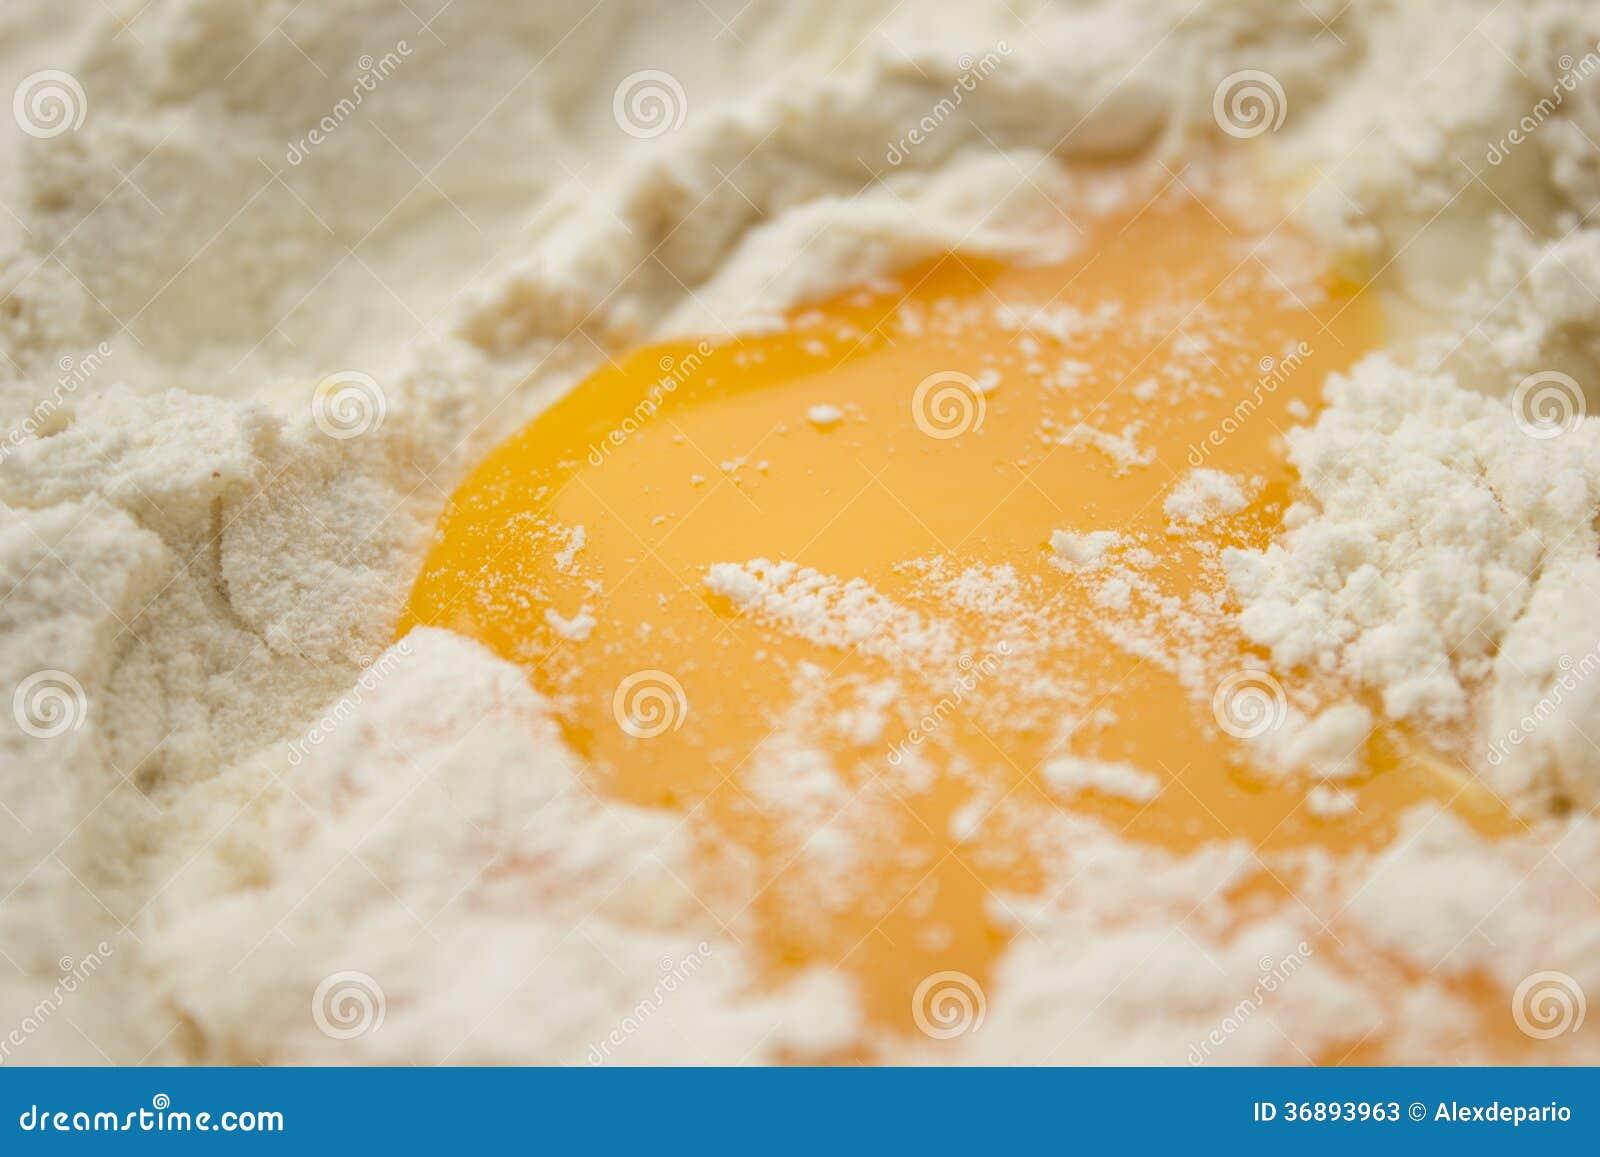 Download Farina ed uovo immagine stock. Immagine di alimento, perno - 36893963